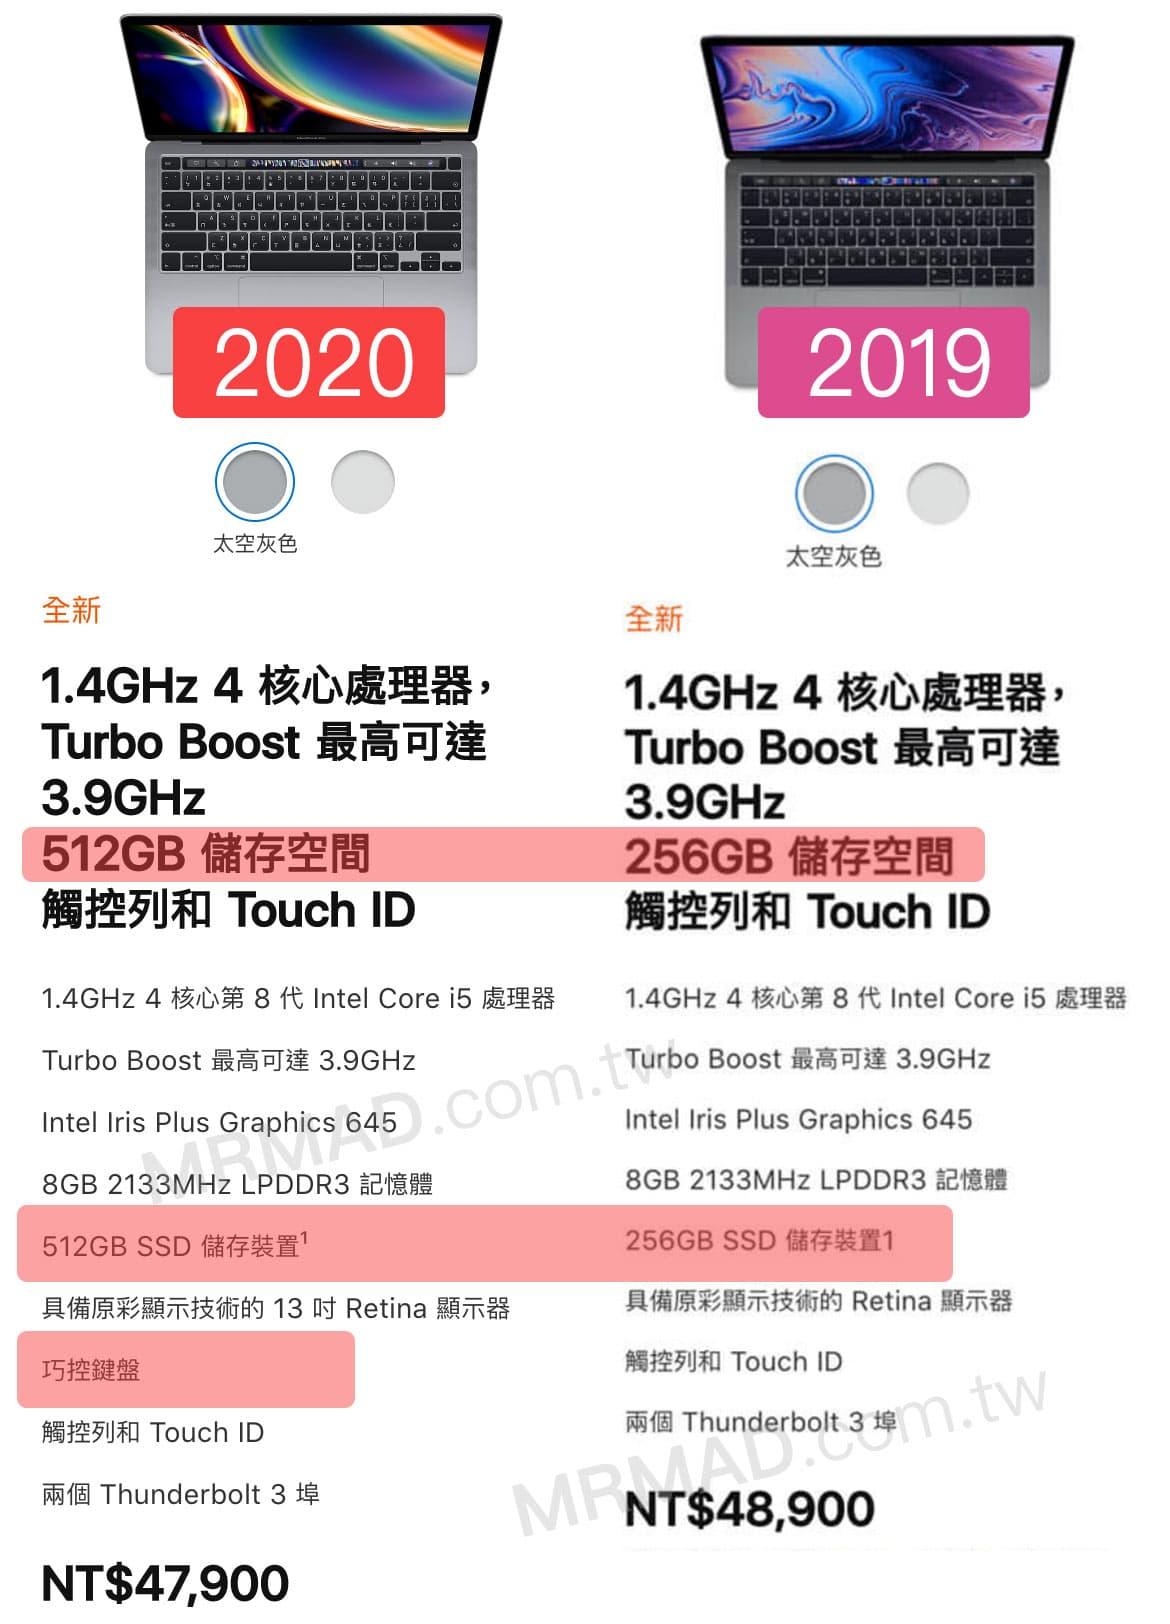 2020 MacBook Pro 與 2019 Macbook Pro 差在哪1